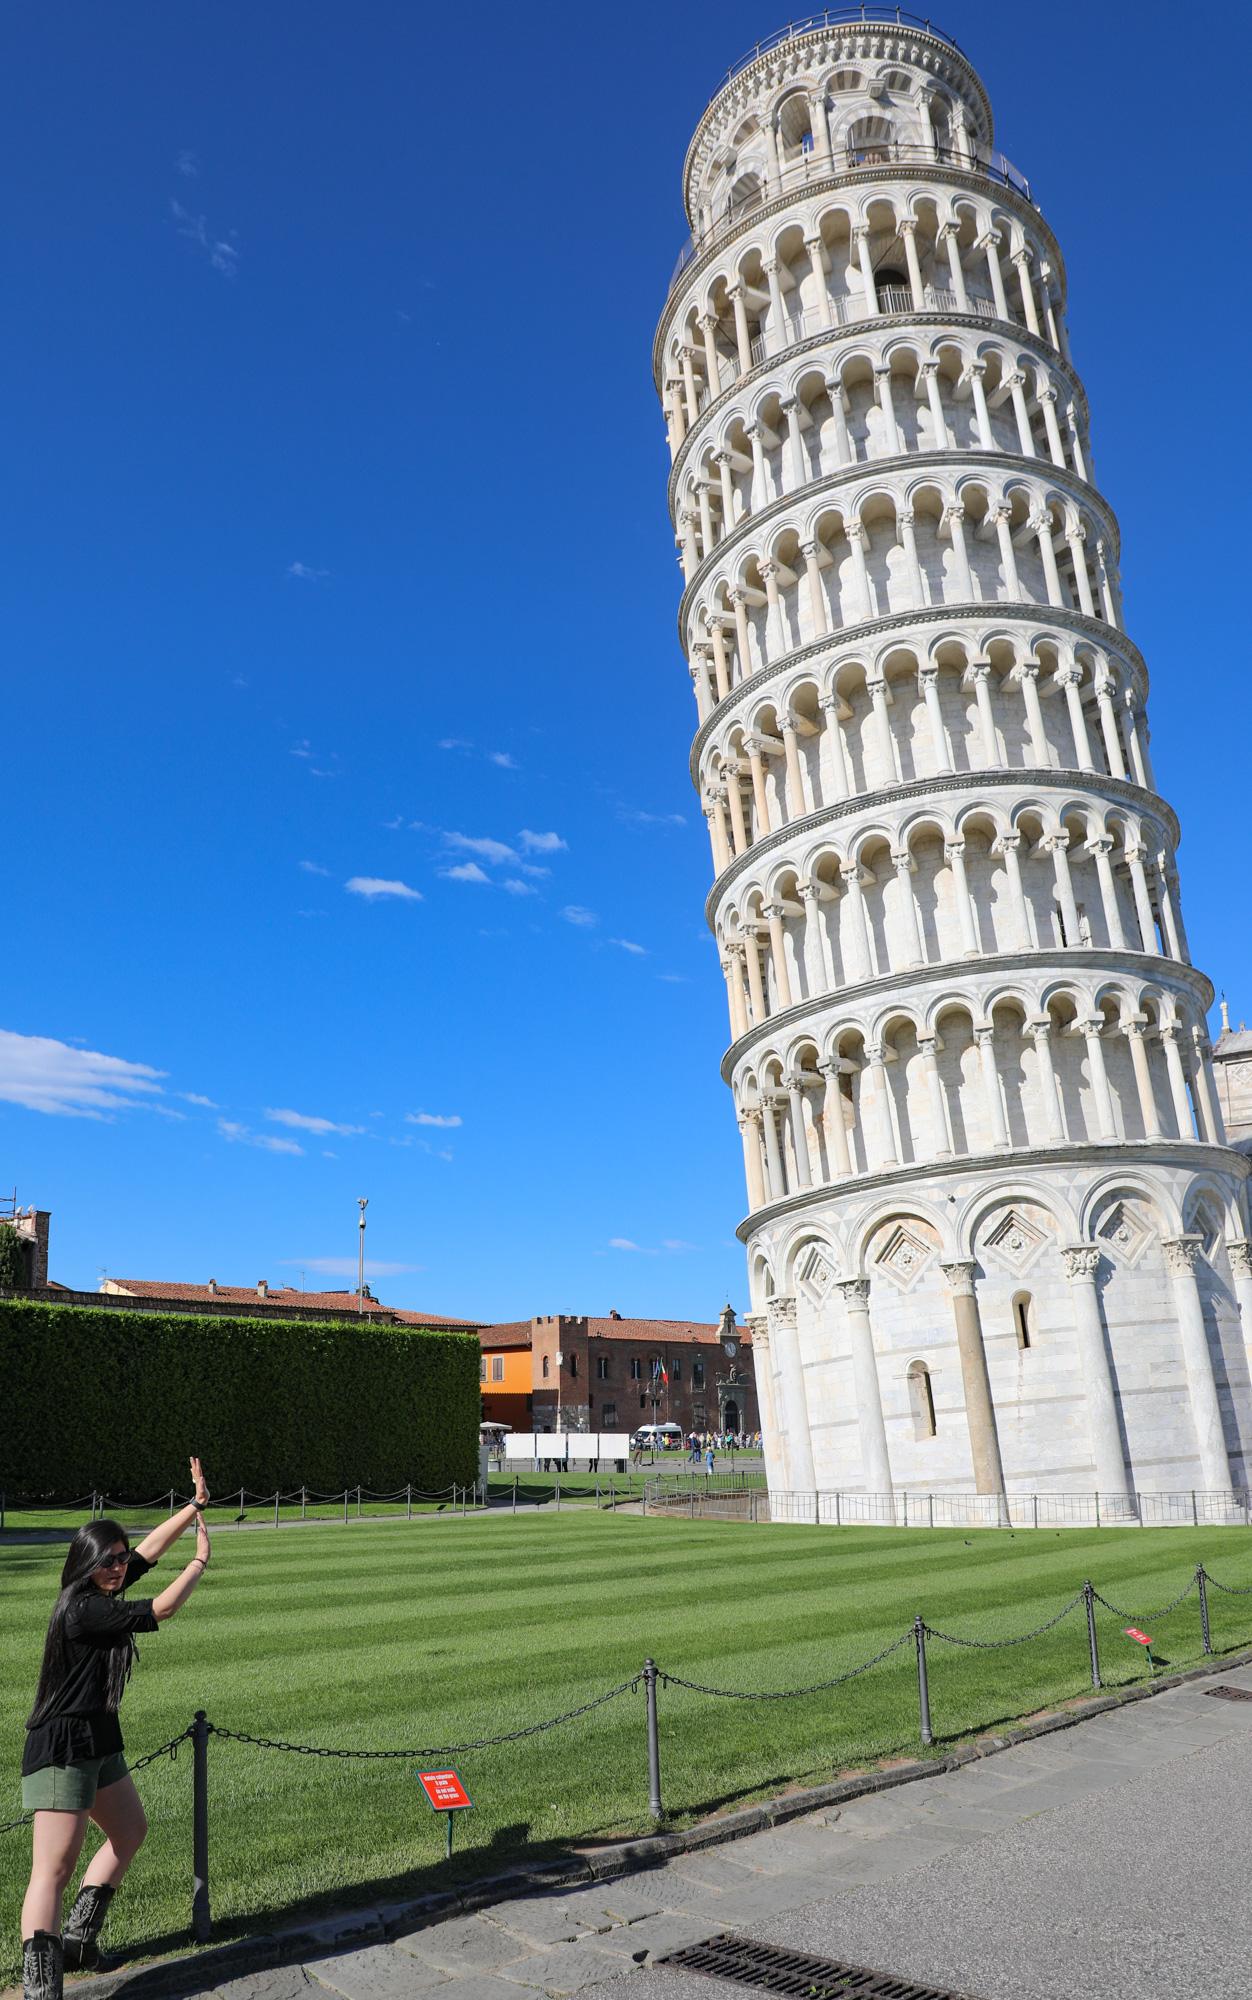 poseren met de toren van Pisa